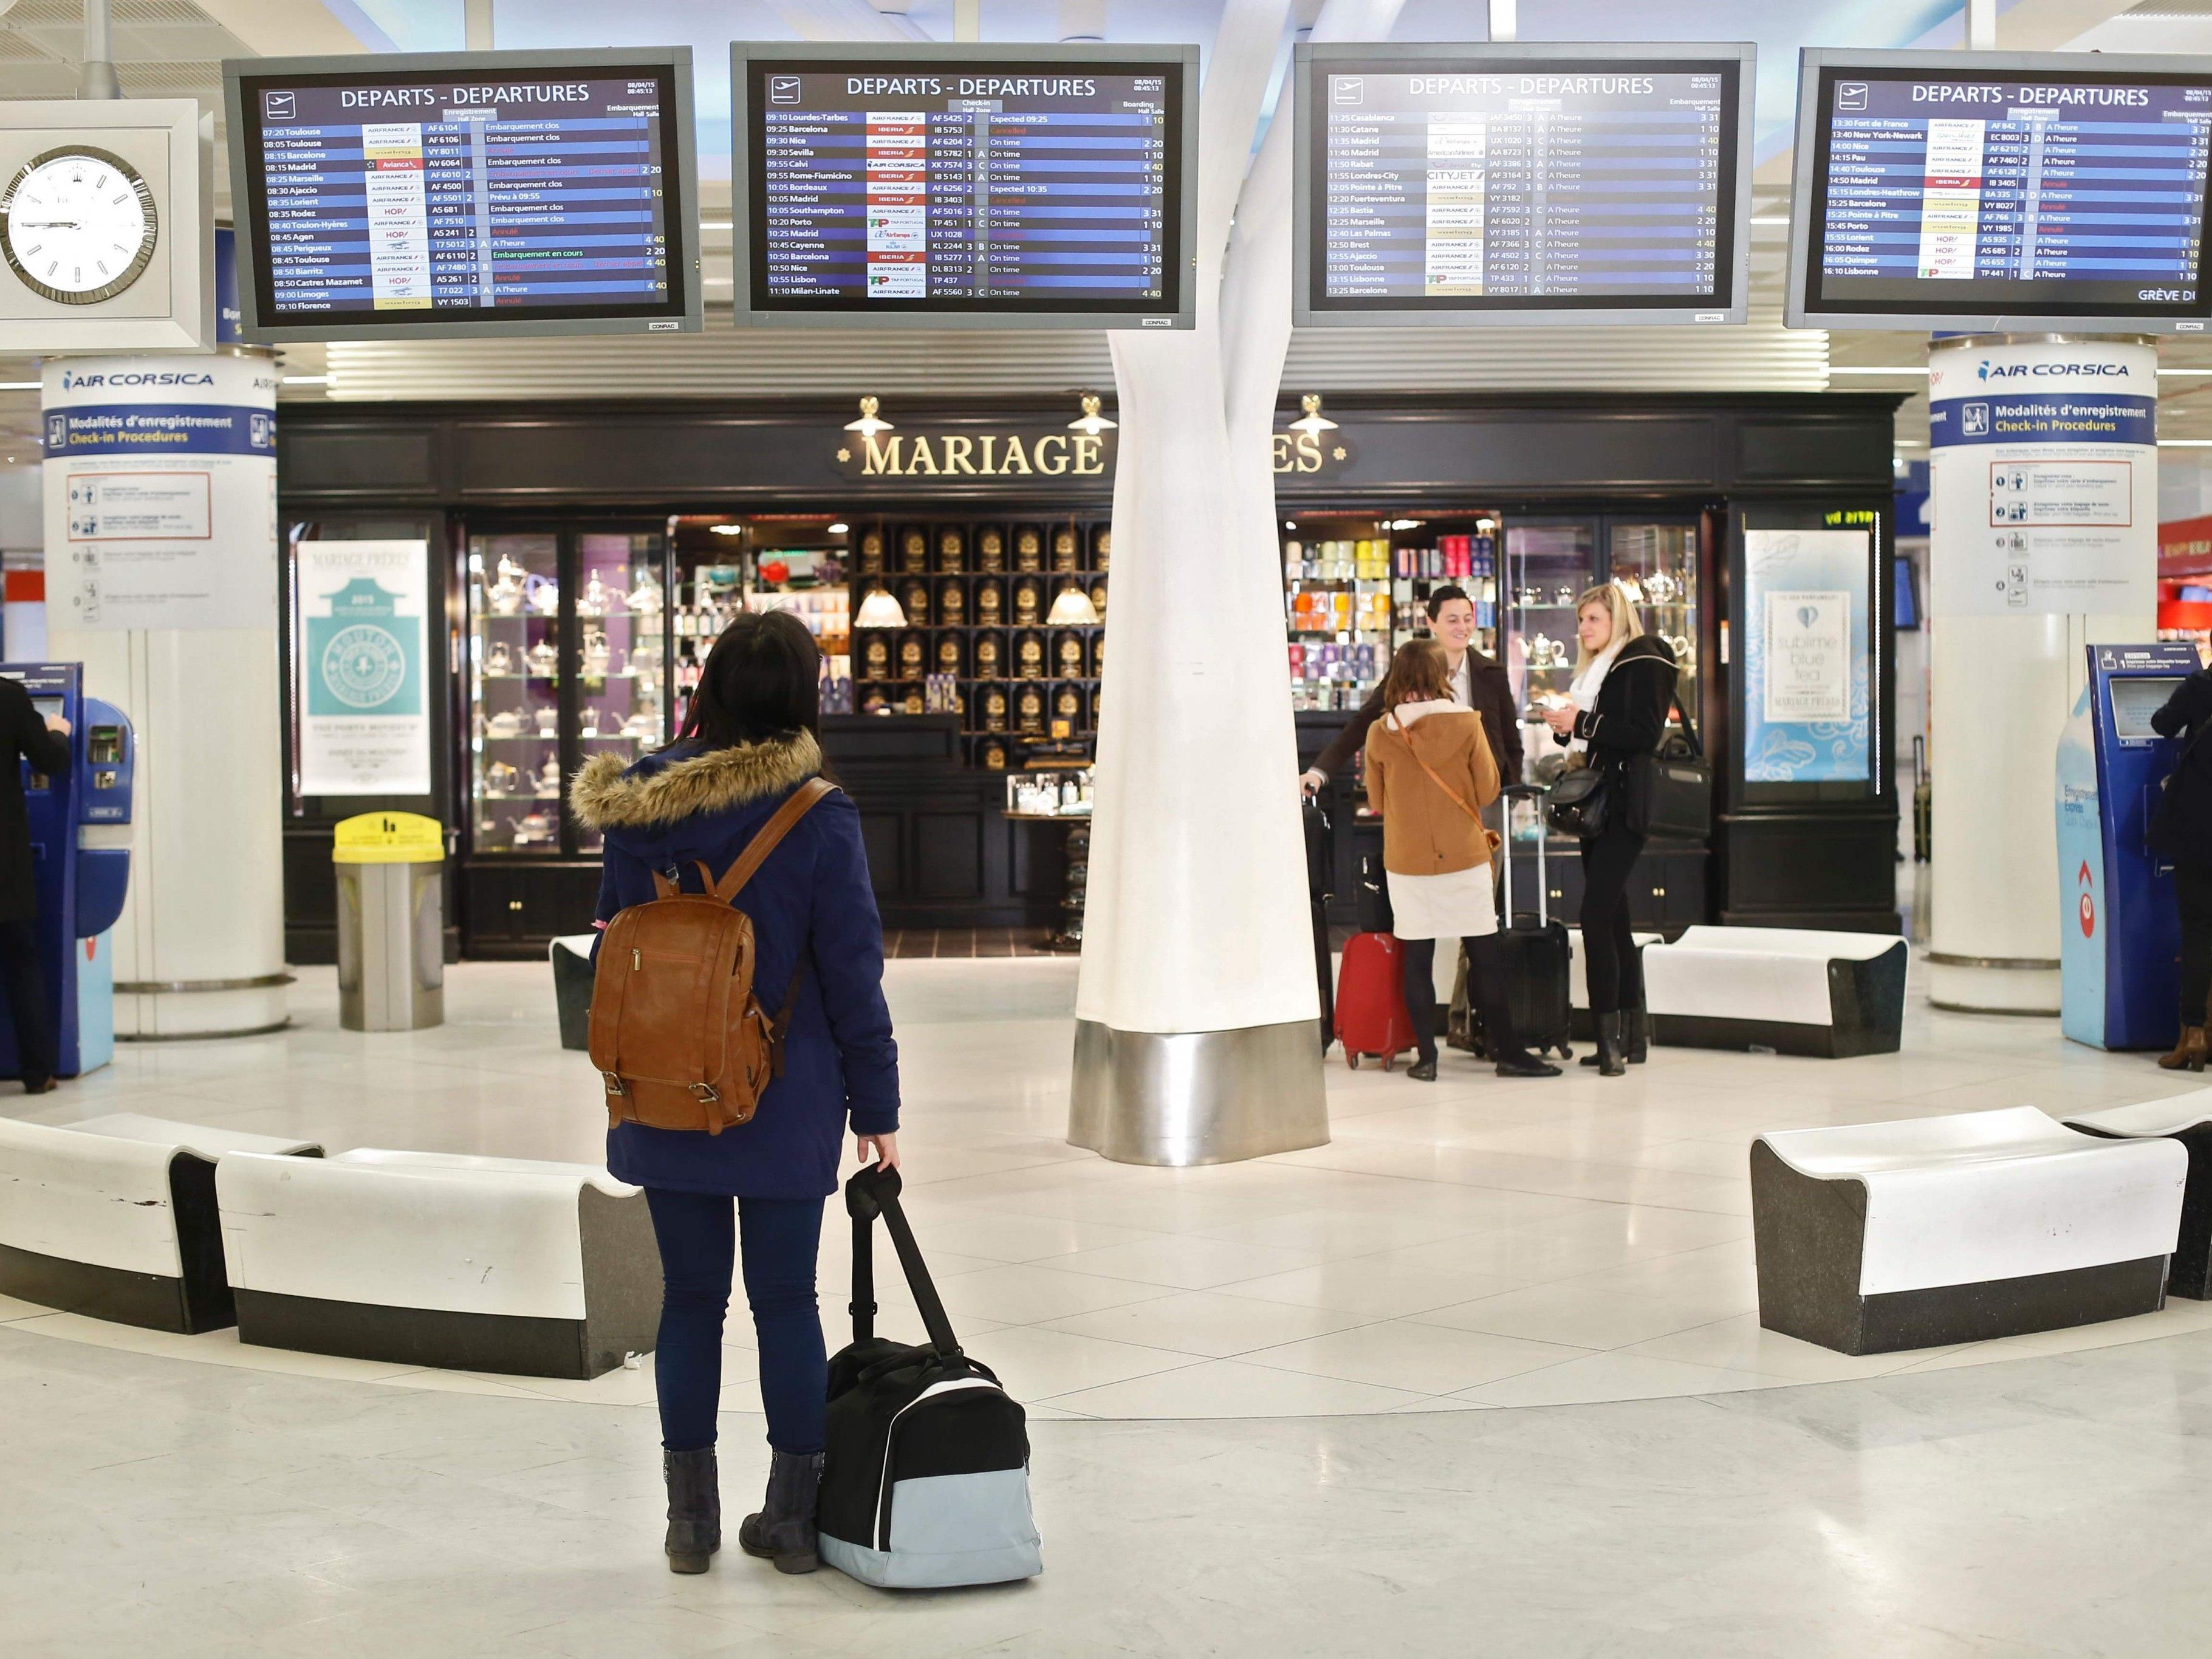 Am Pariser Flughafen Orly ist am Samstag ein Mann erschossen worden, nachdem er einem Soldaten die Waffe weggenommen hatte.